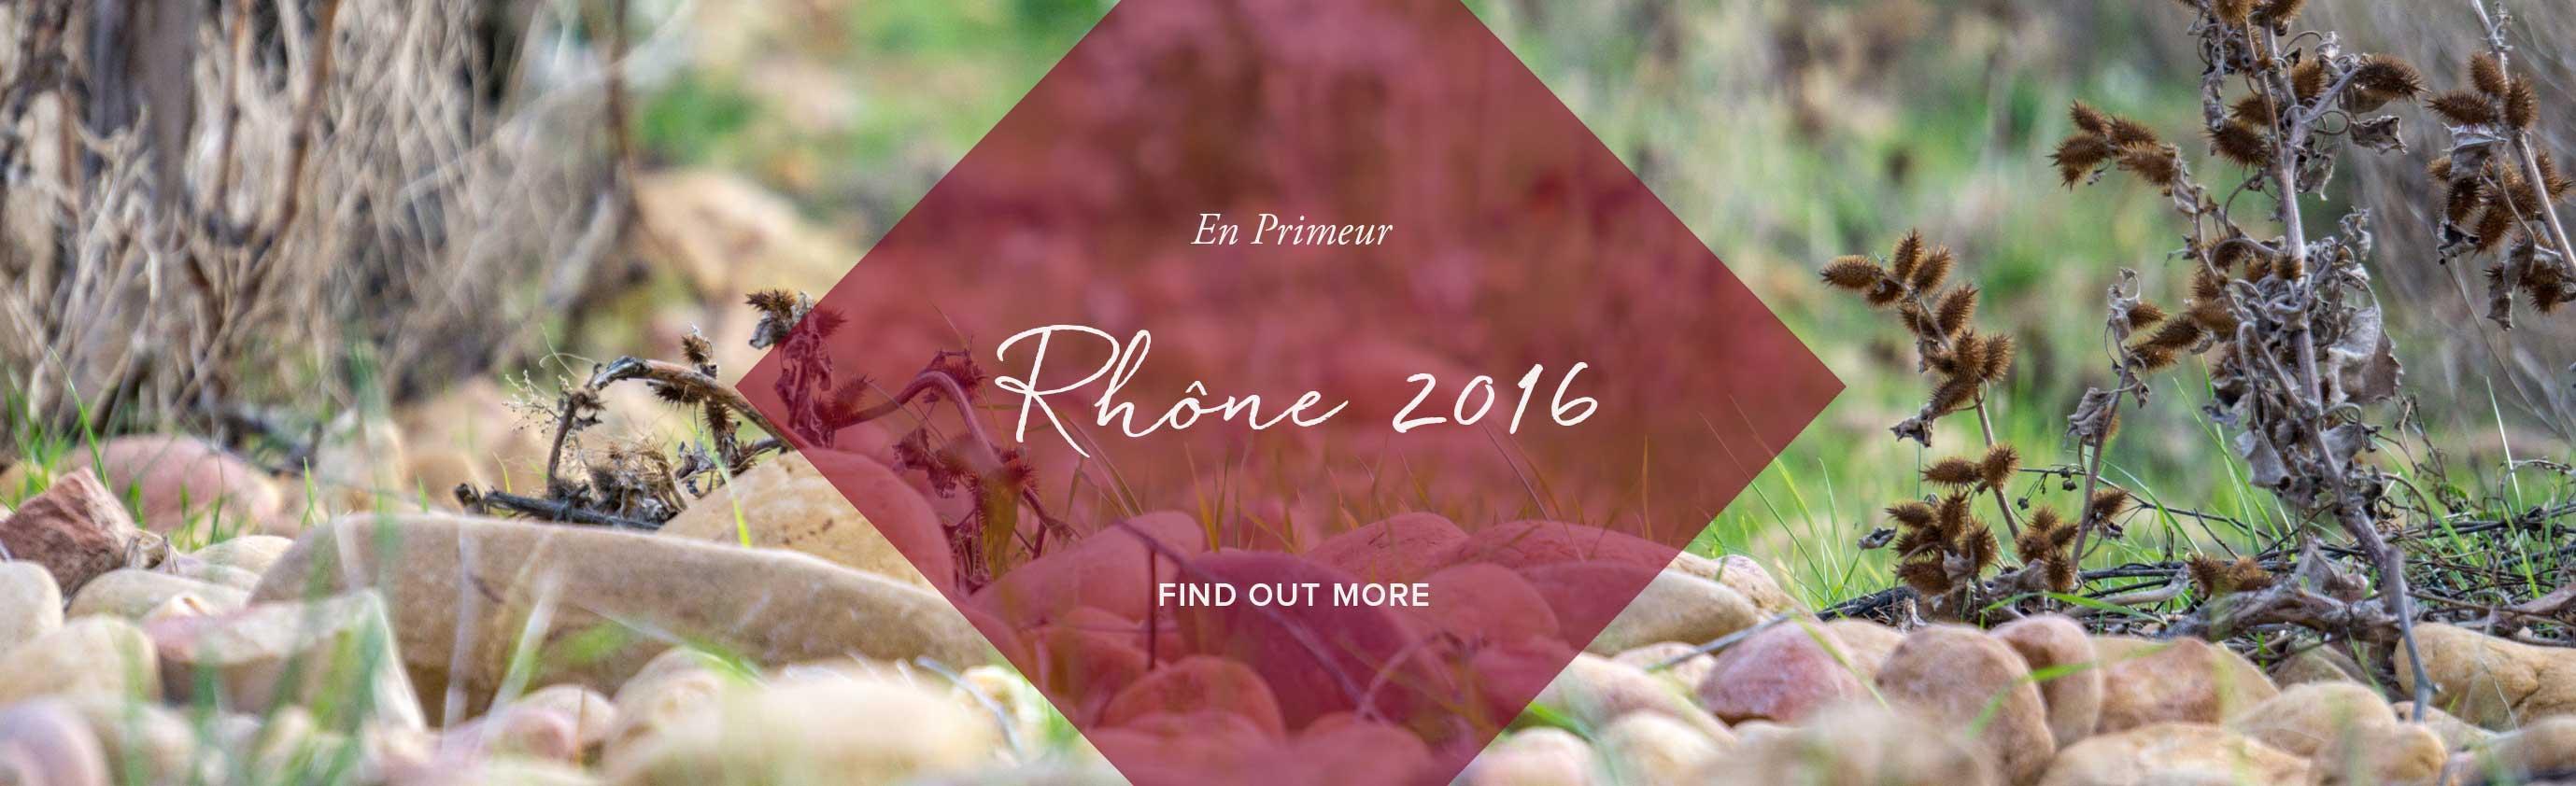 Rhône 2016 En Primeur